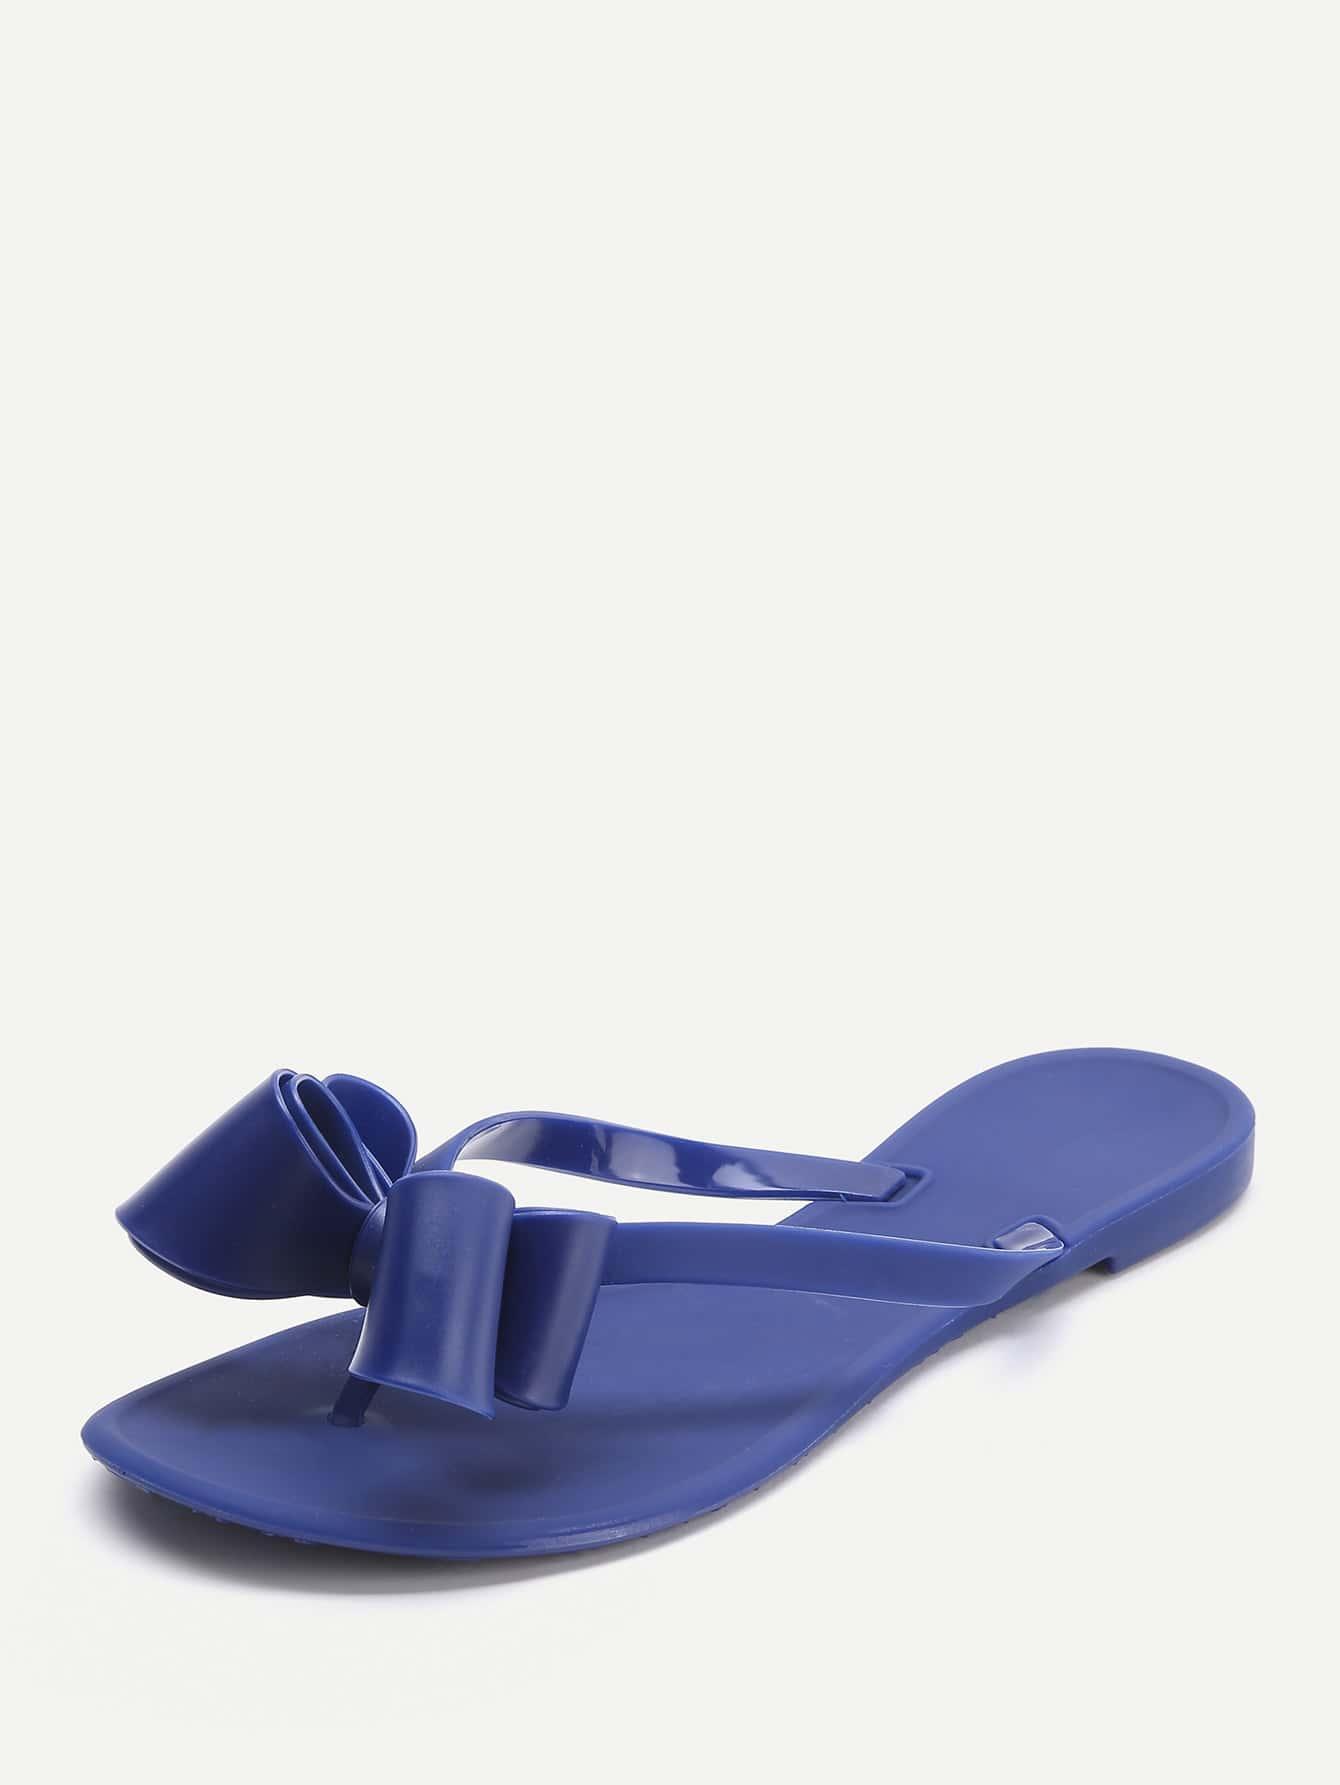 shoes170314803_2